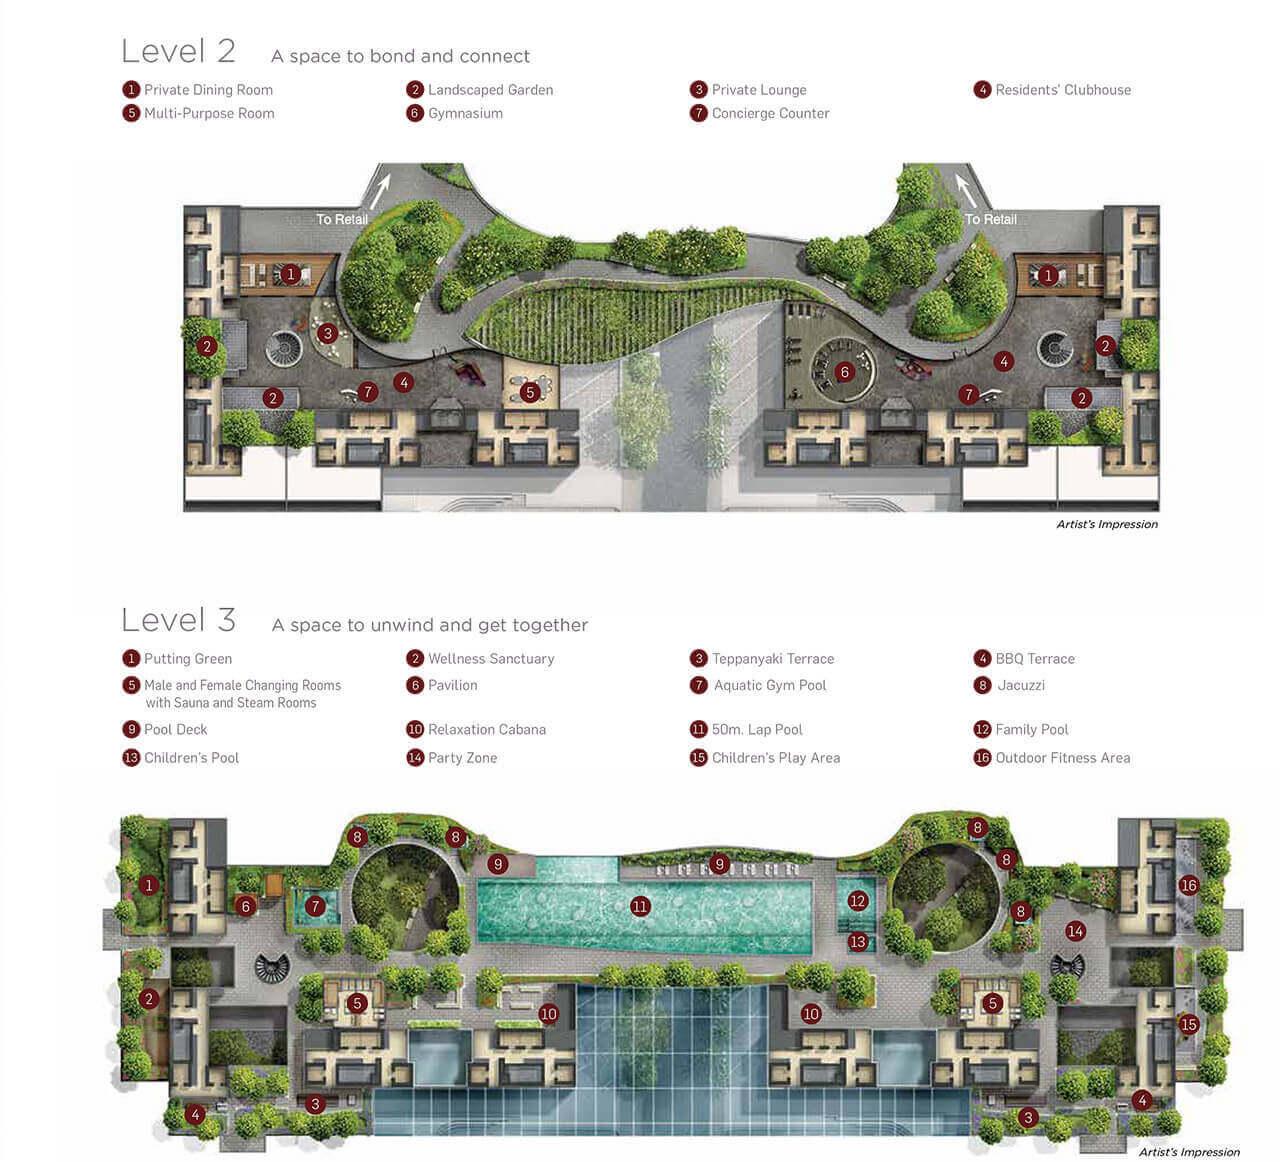 Marina One Residences Condo Singapore Facilities